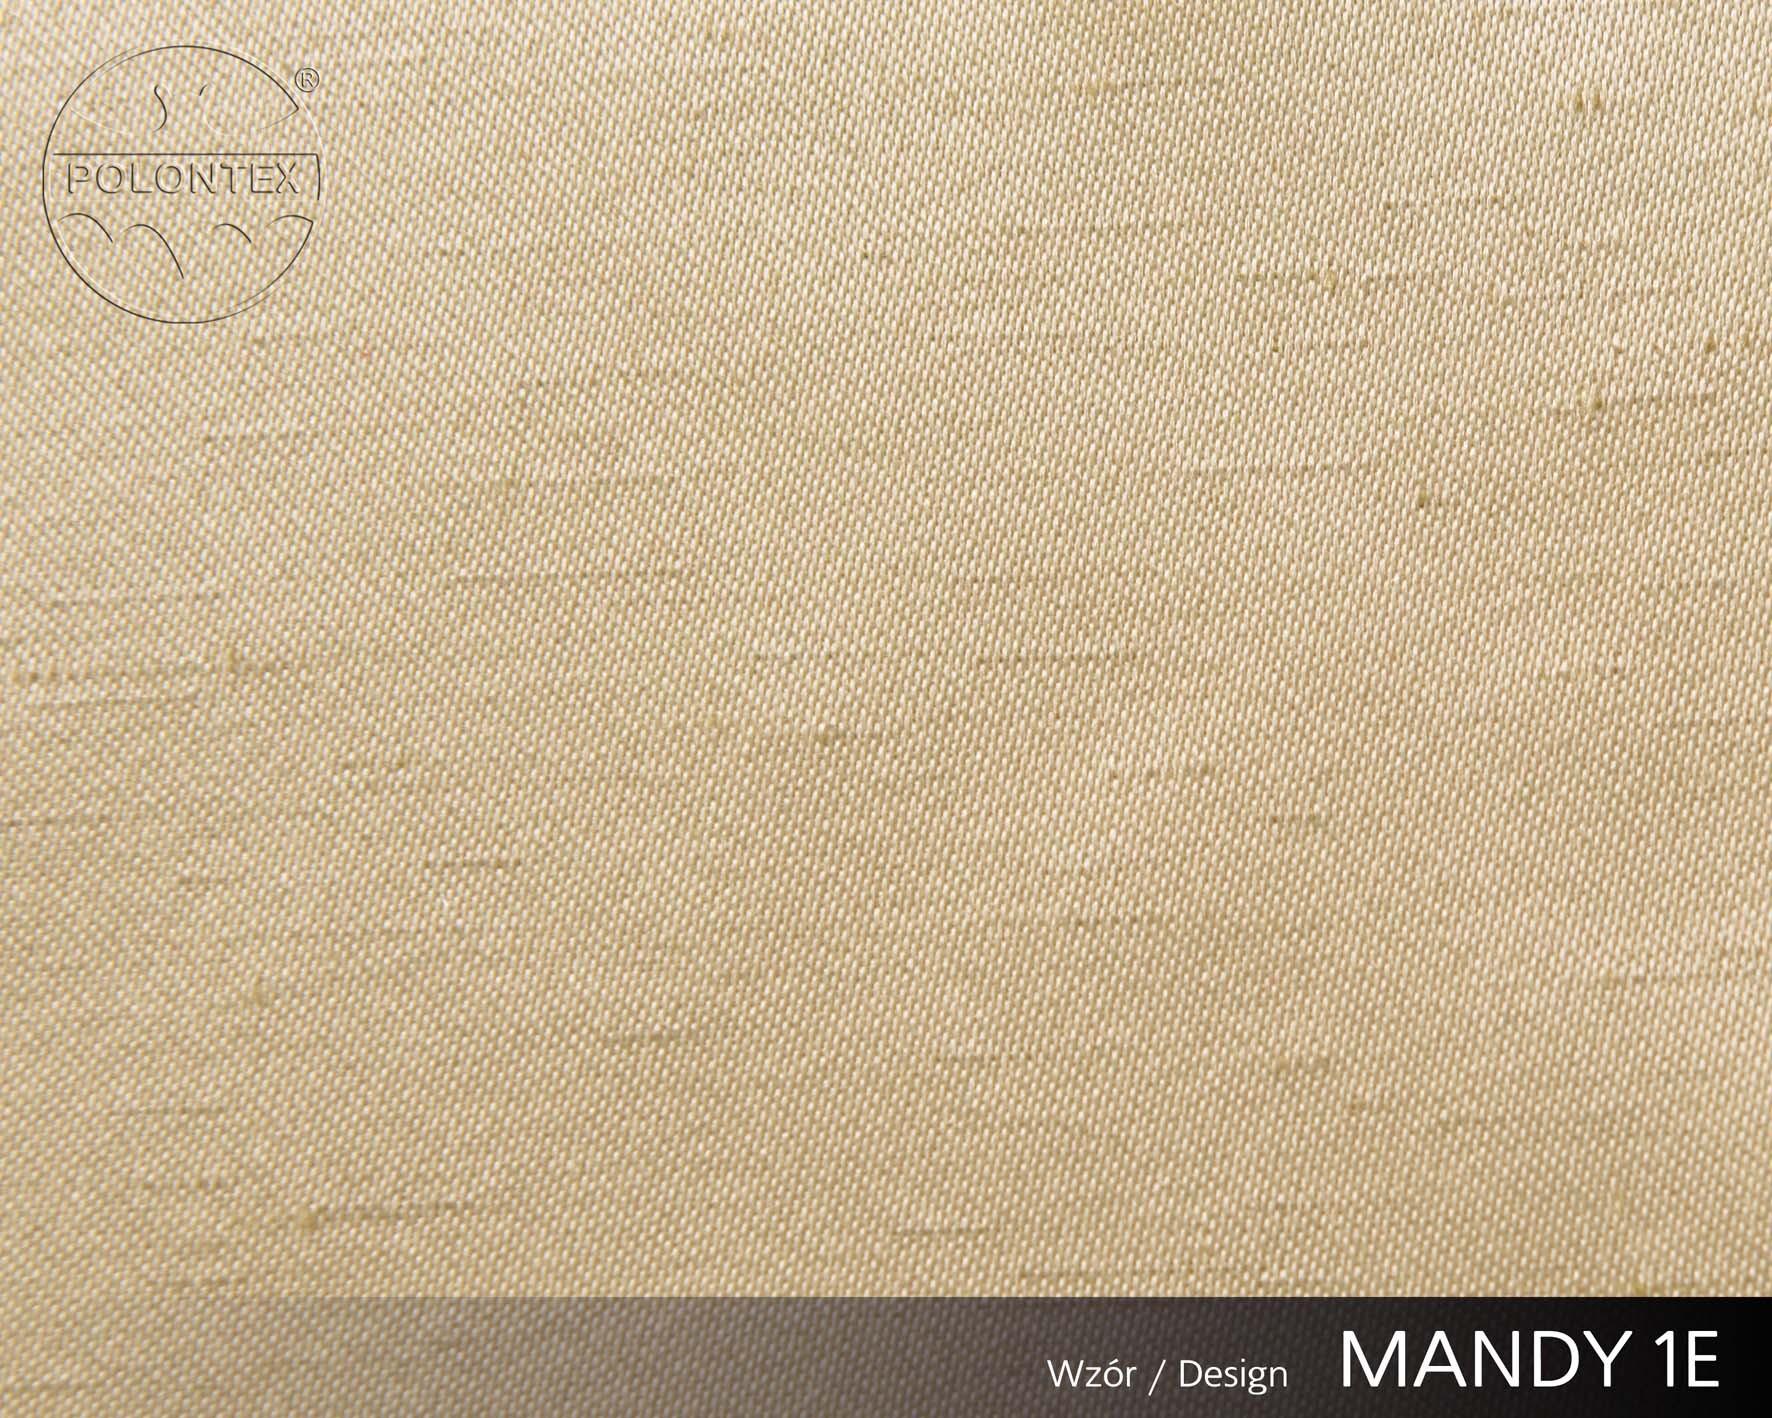 MANDY 1E 1115